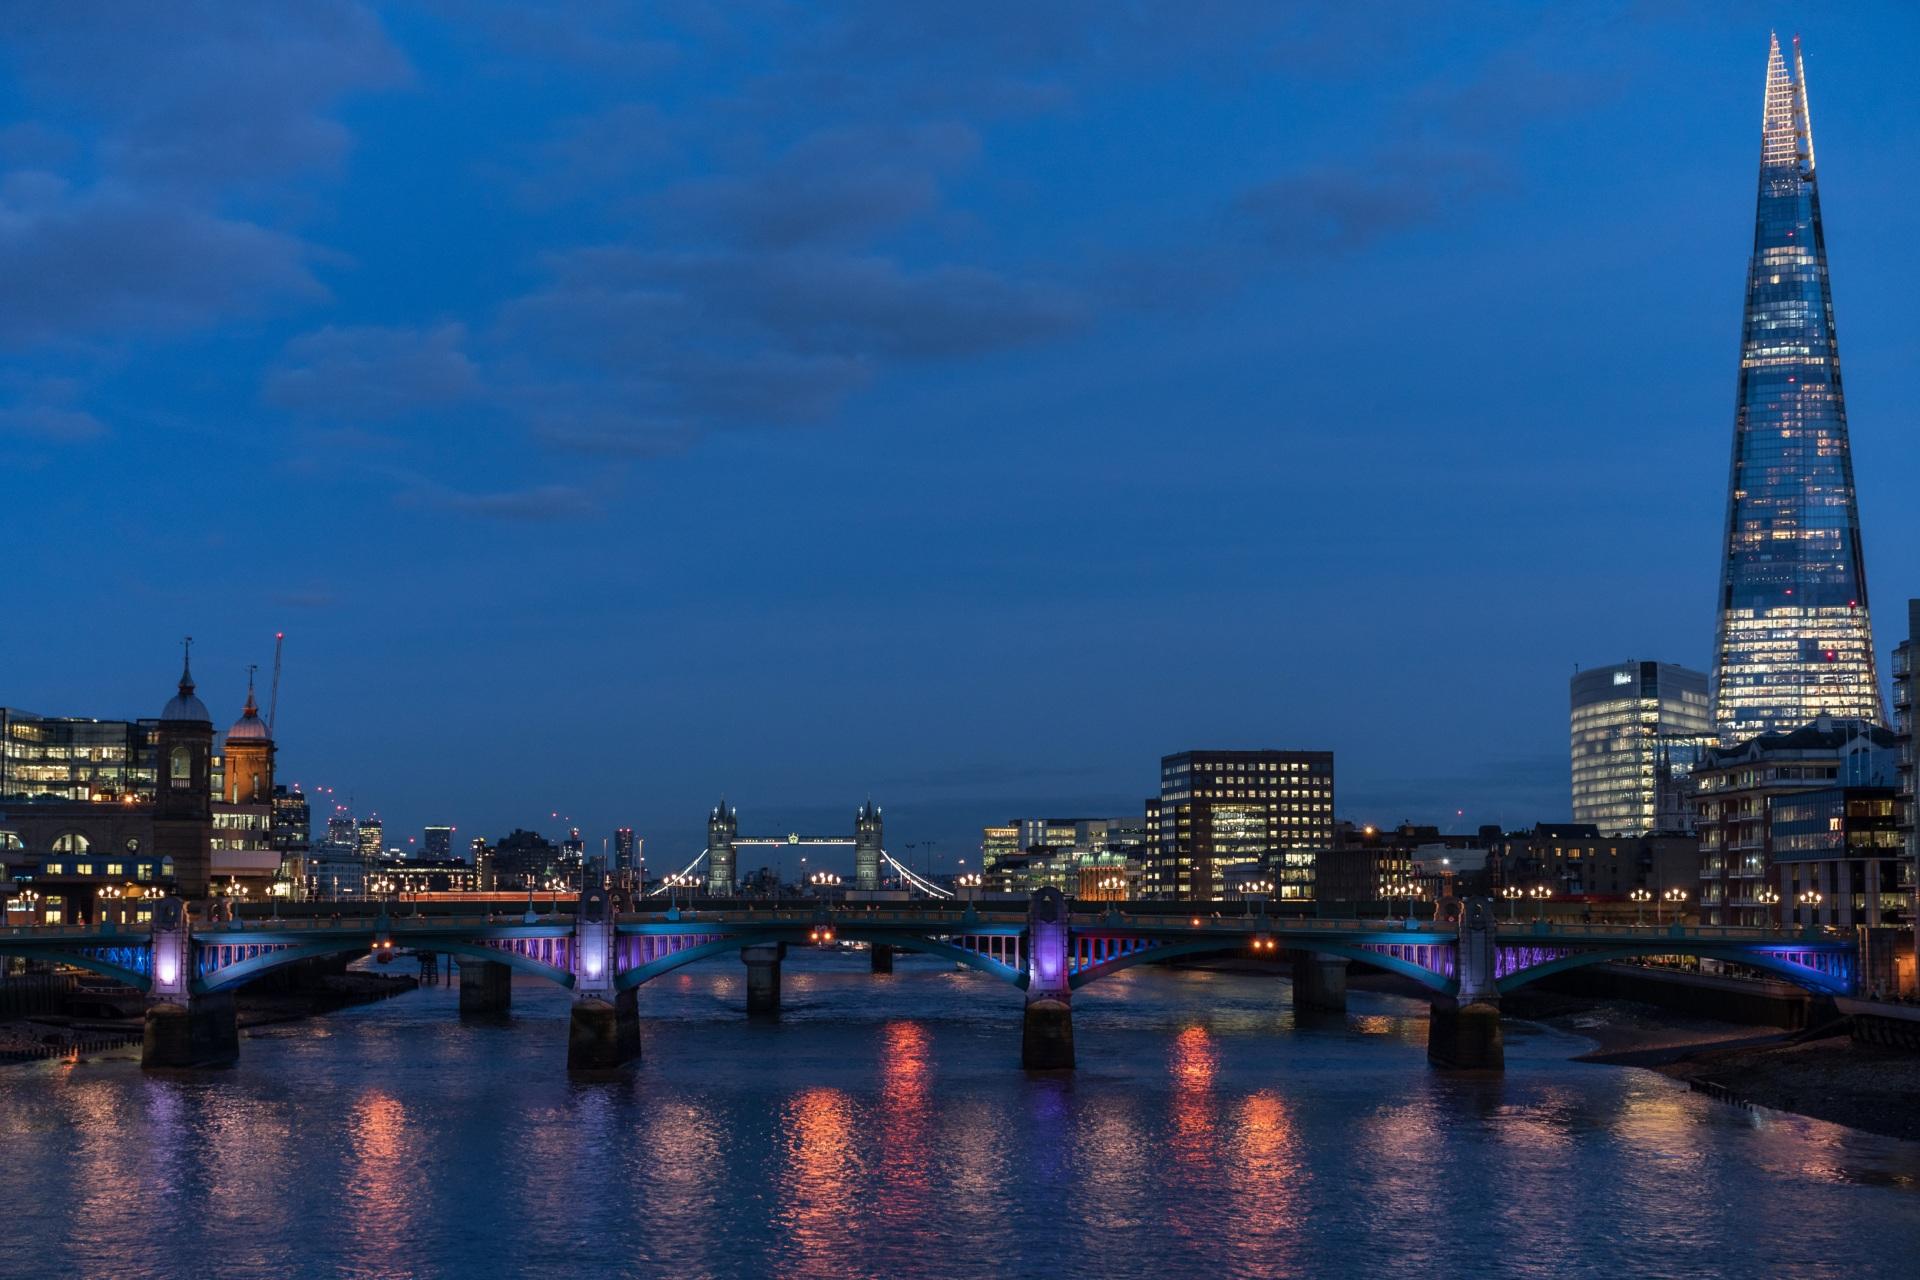 Фото лондоне Англия Мосты Реки Вечер Города Здания 1920x1280 Лондон река речка Дома город